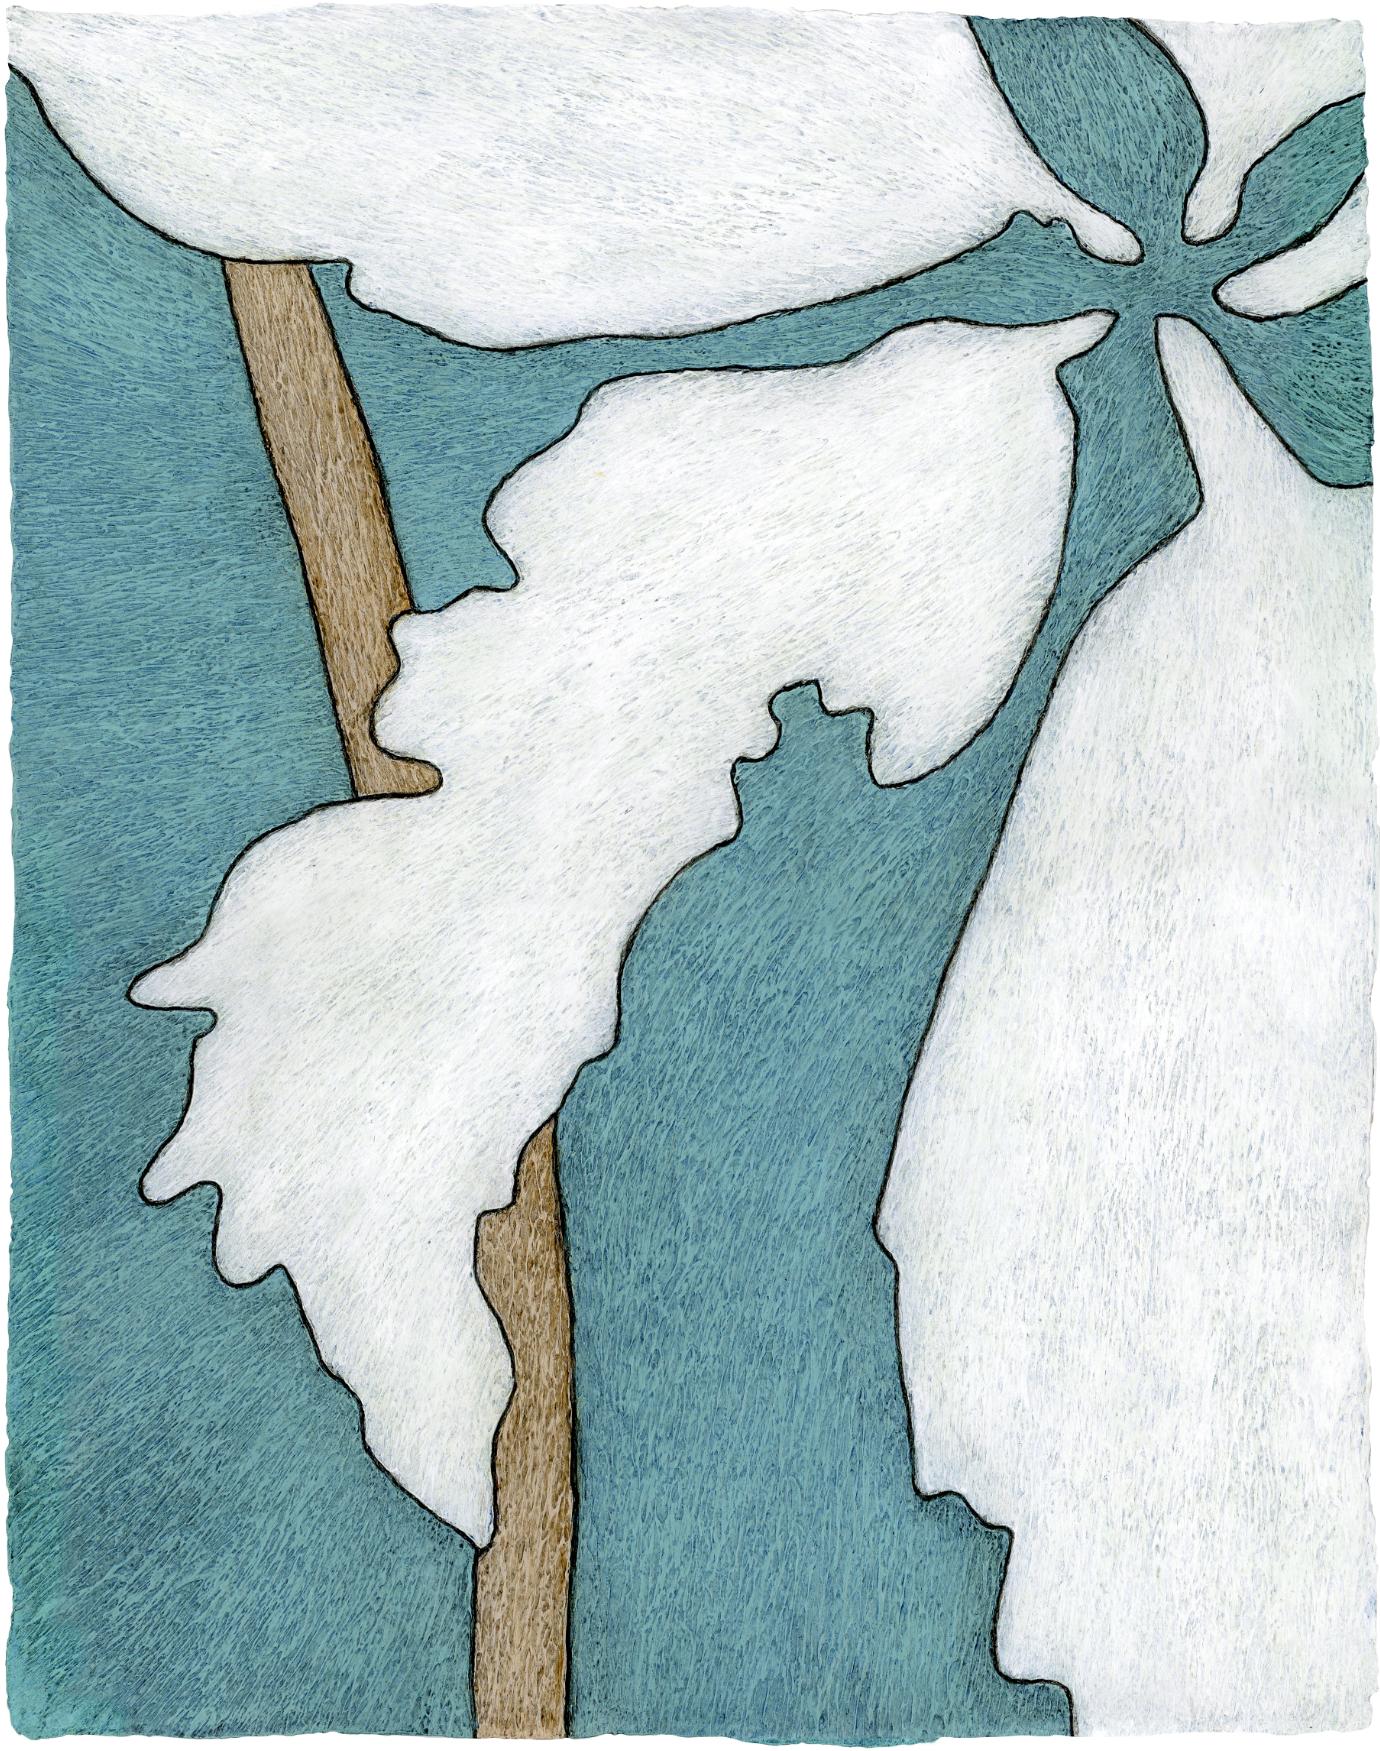 Tobi Khan Painting